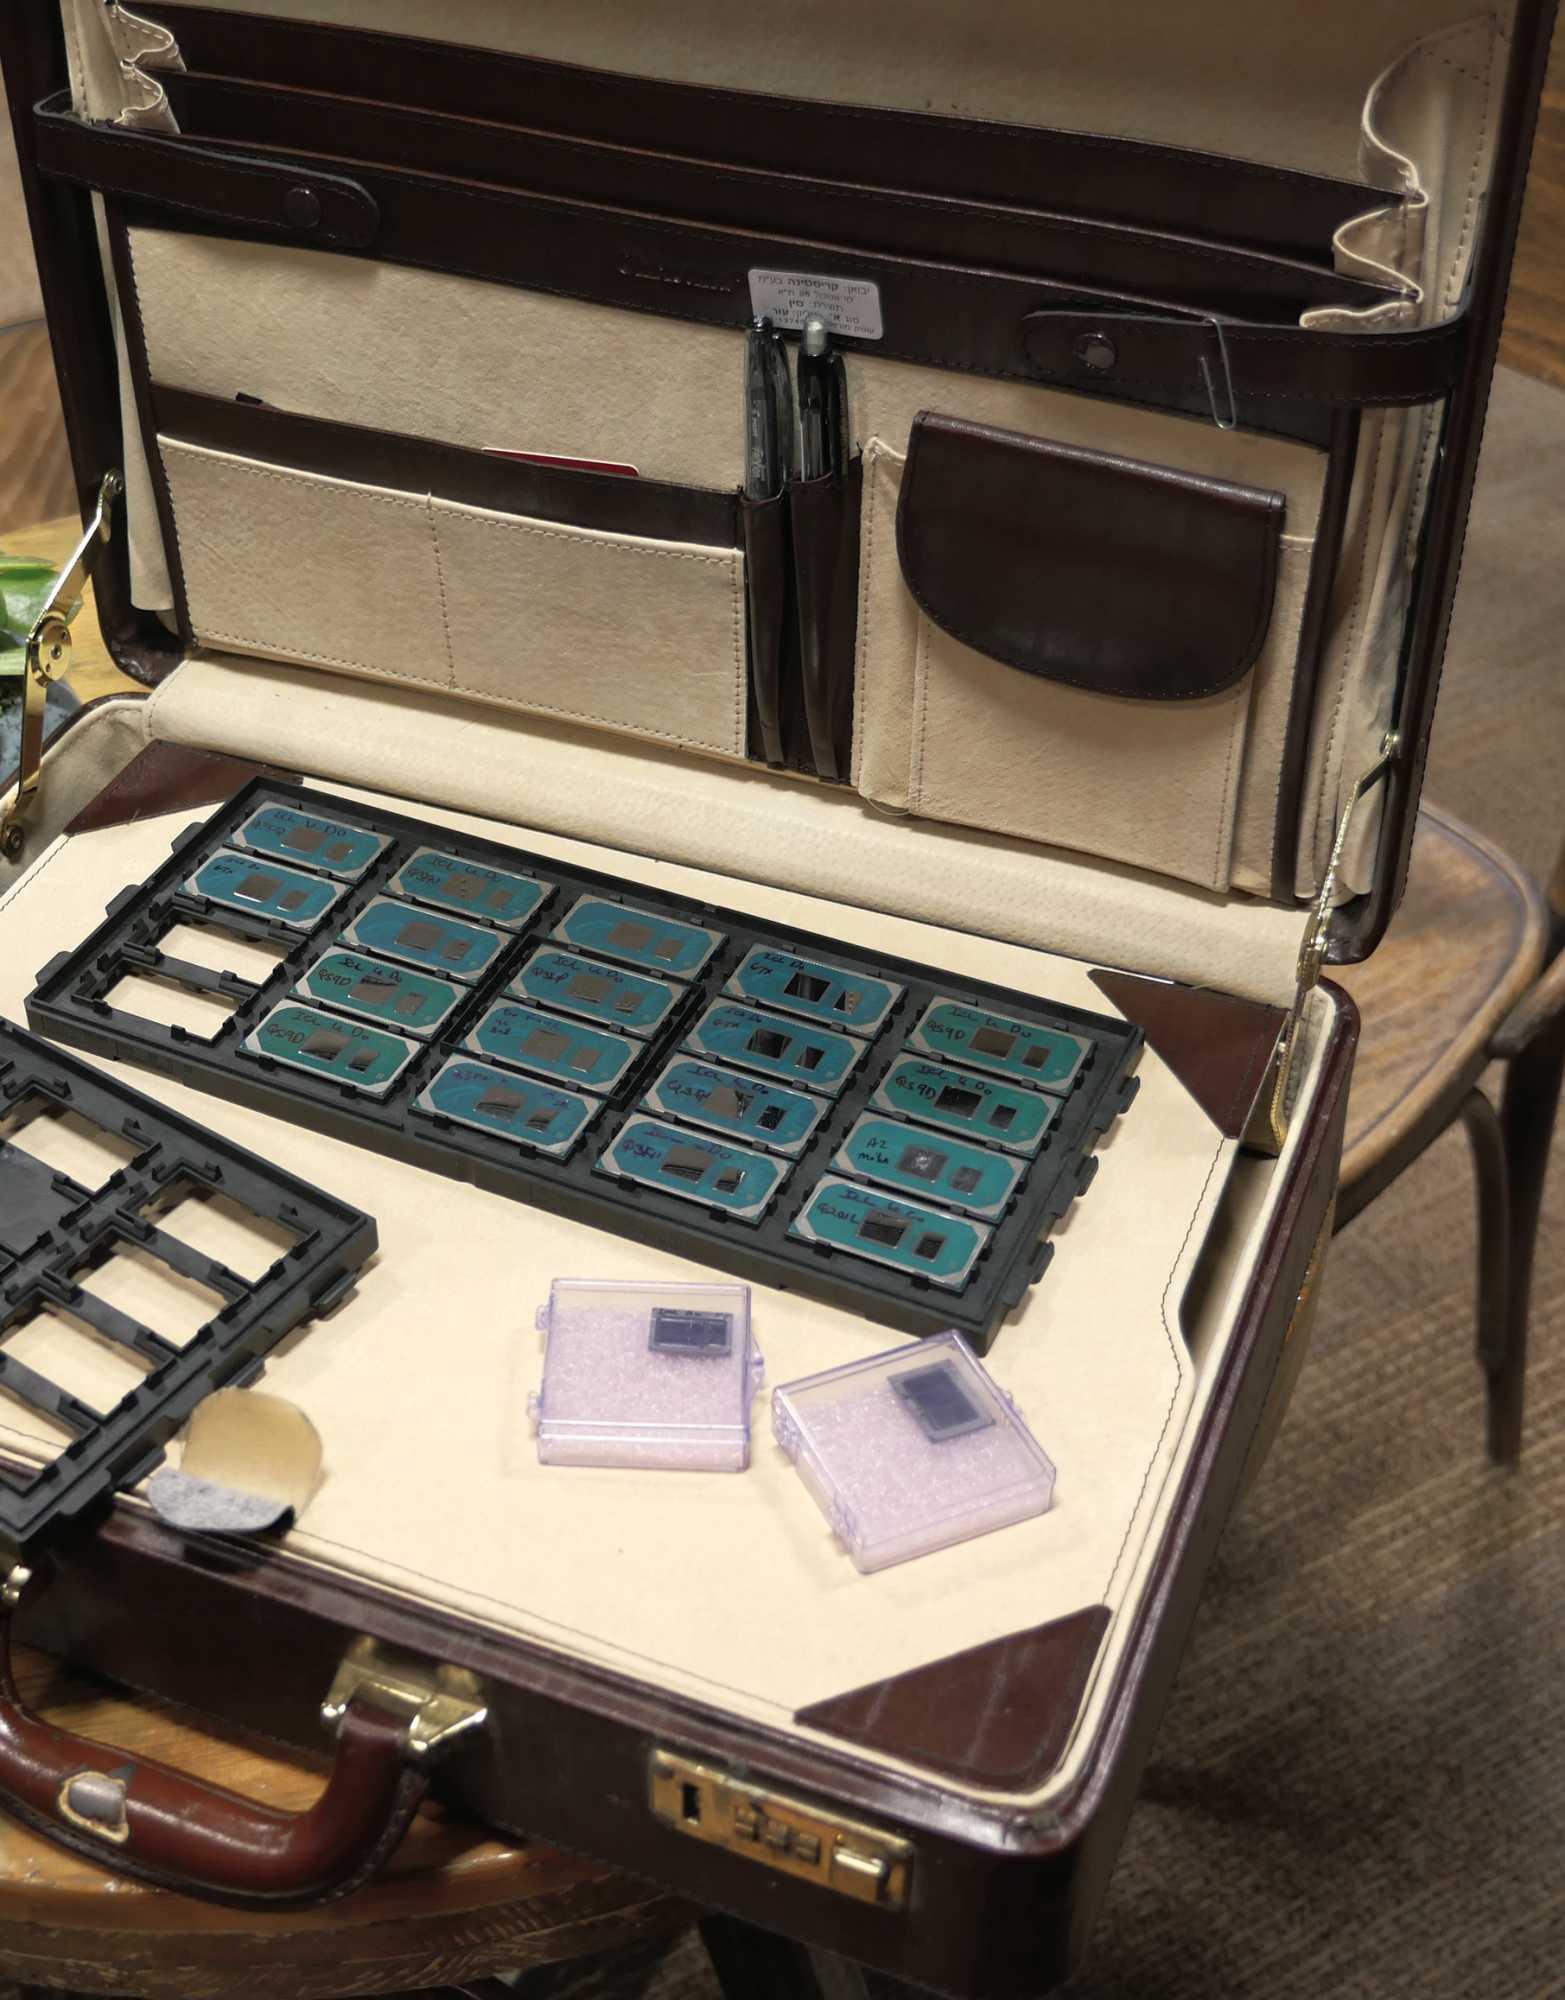 """Mobilprozessoren im Aktenkoffer: Vom israelischen CPU-Entwicklerteam stammen die """"Sunny Cove""""-Prozessorkerne für Ice Lake. Vorne im Bild die besonders winzigen Versionen für flache Notebooks."""